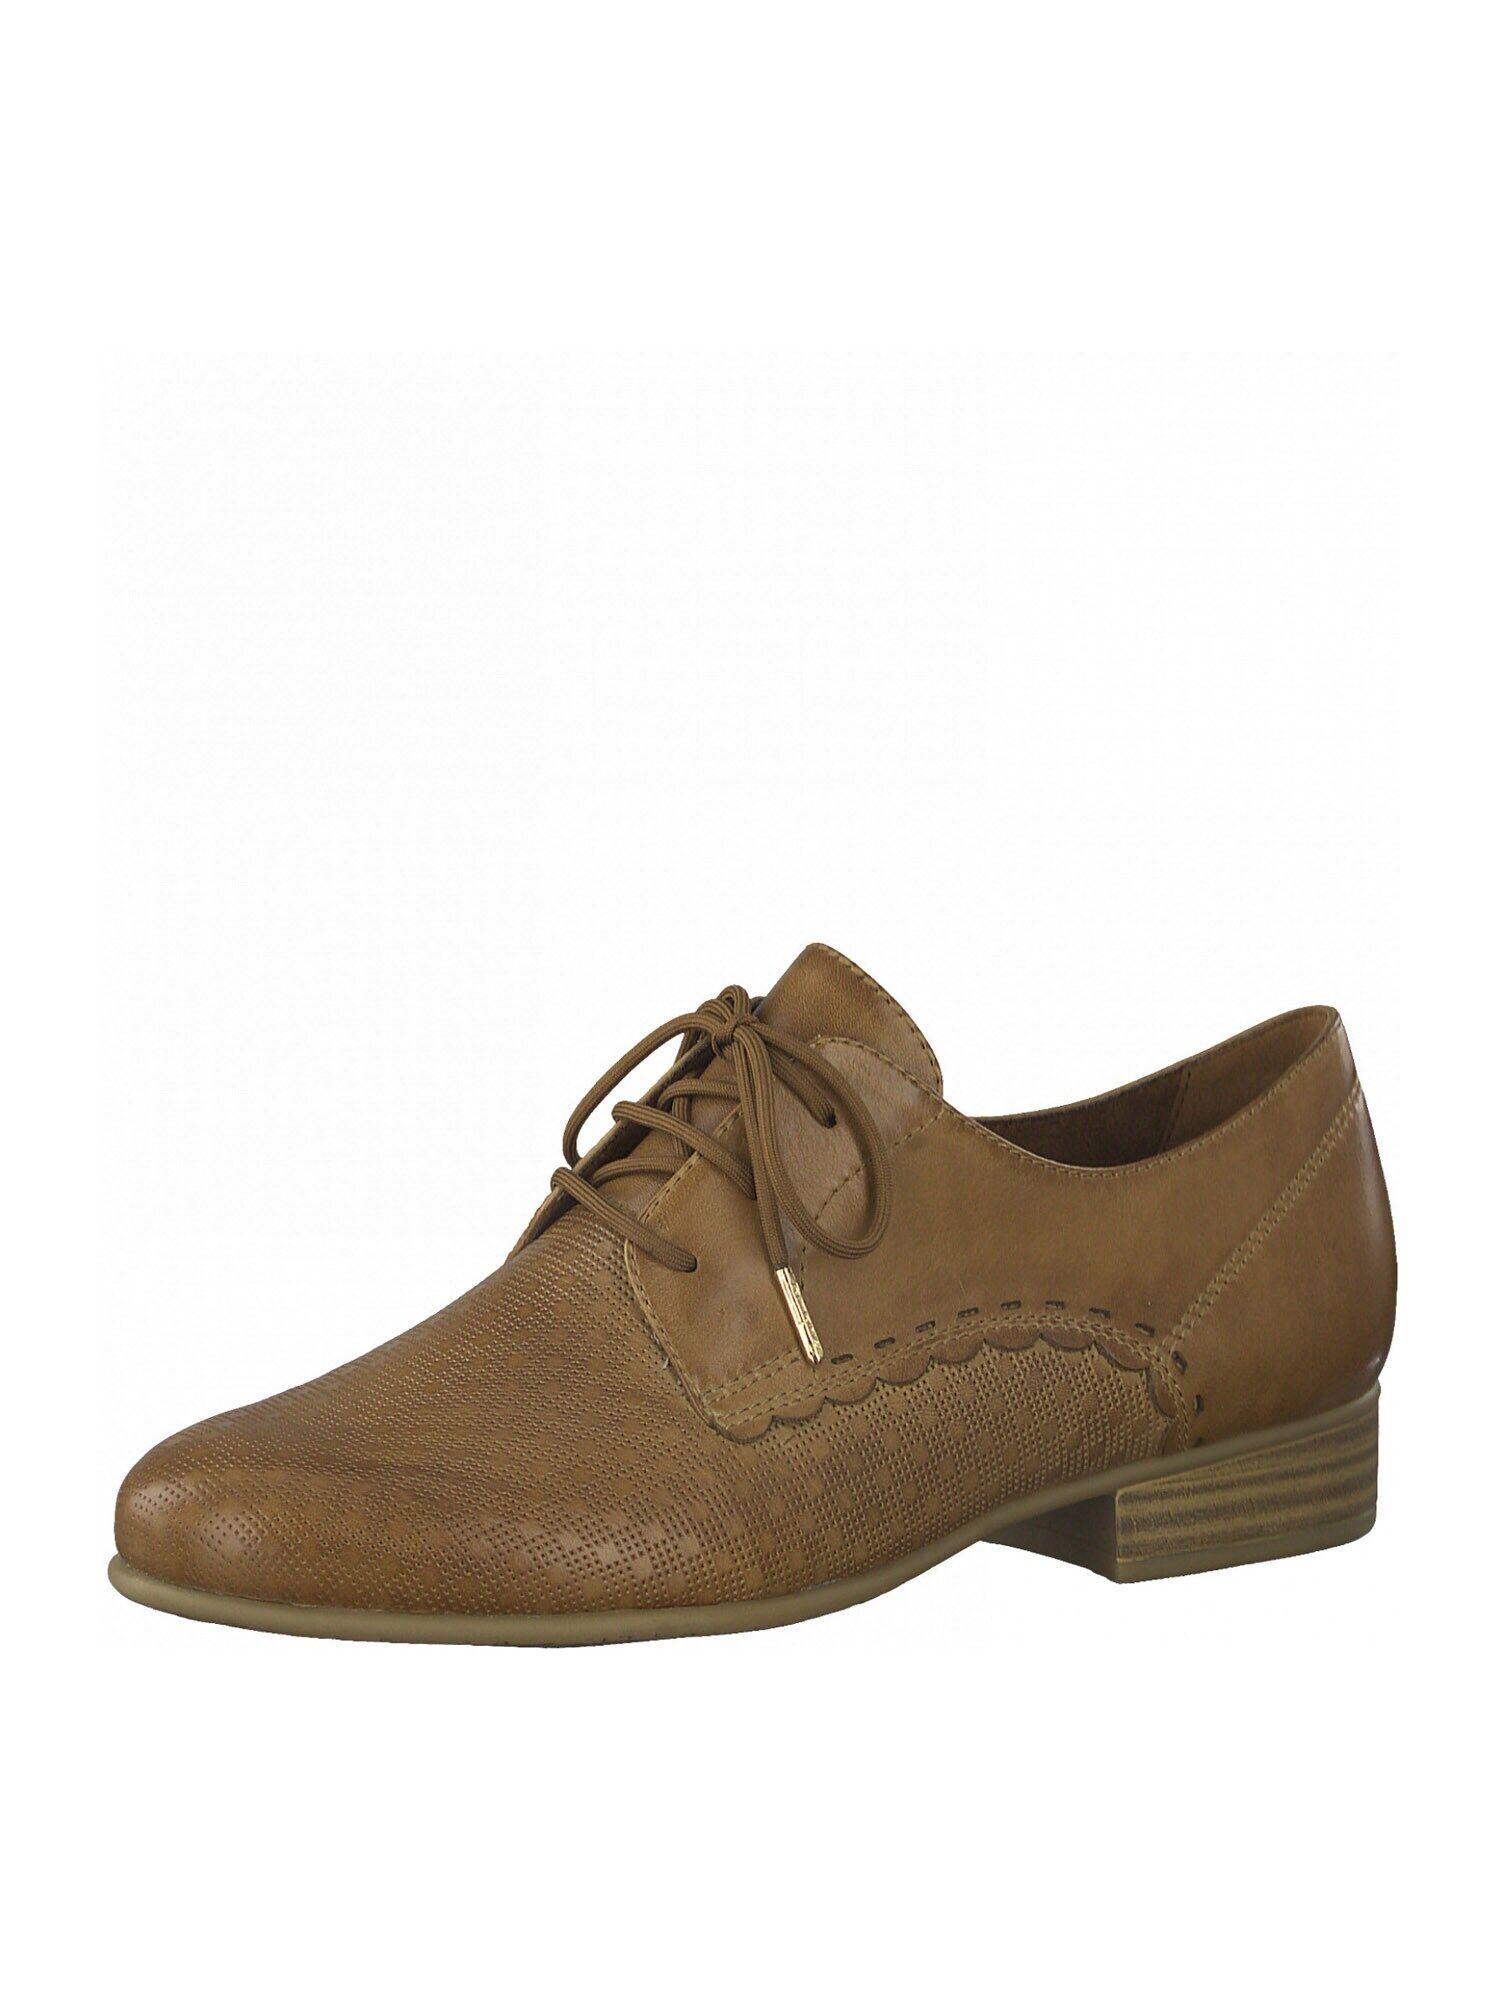 TAMARIS Chaussure à lacets  - Marron - Taille: 40 - female